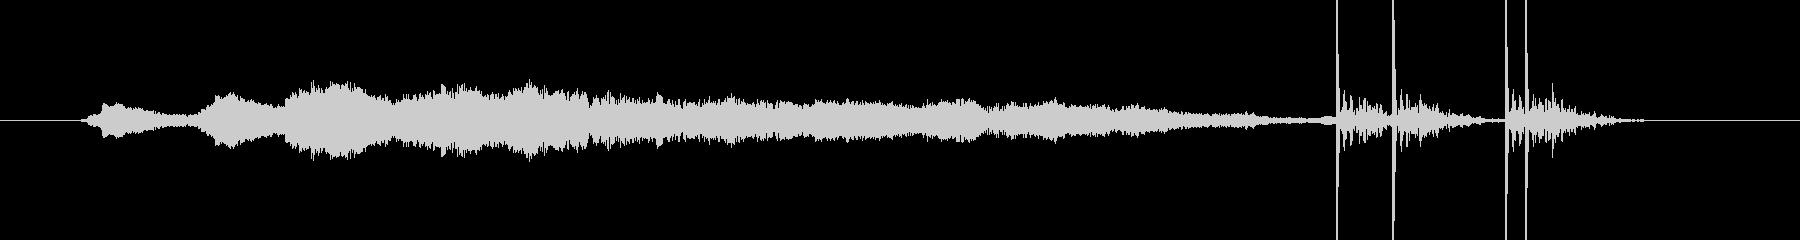 花火 ドンドン ドドン ヒューの未再生の波形